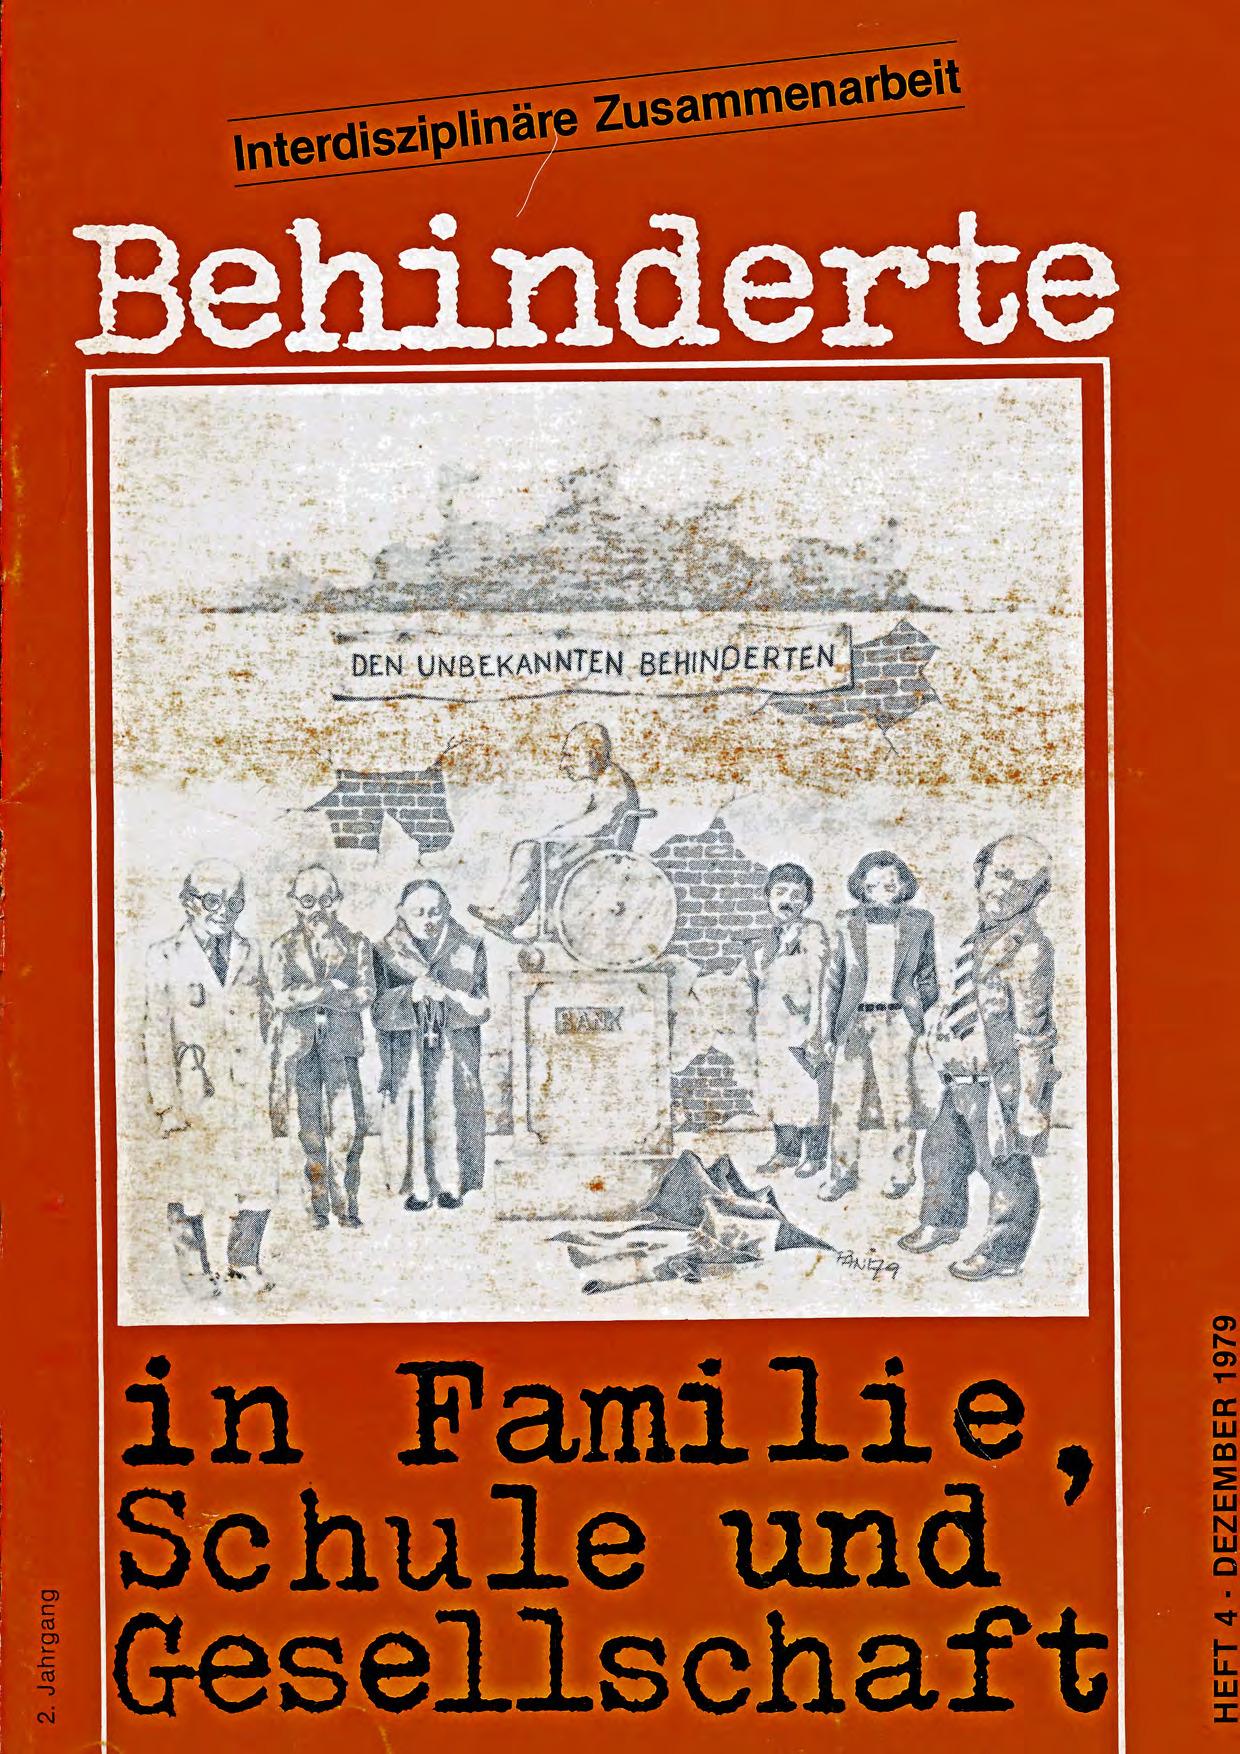 """Titelbild der Zeitschrift BEHINDERTE MENSCHEN, Ausgabe 4/1979 """"Interdisziplinäre Zusammenarbeit"""""""